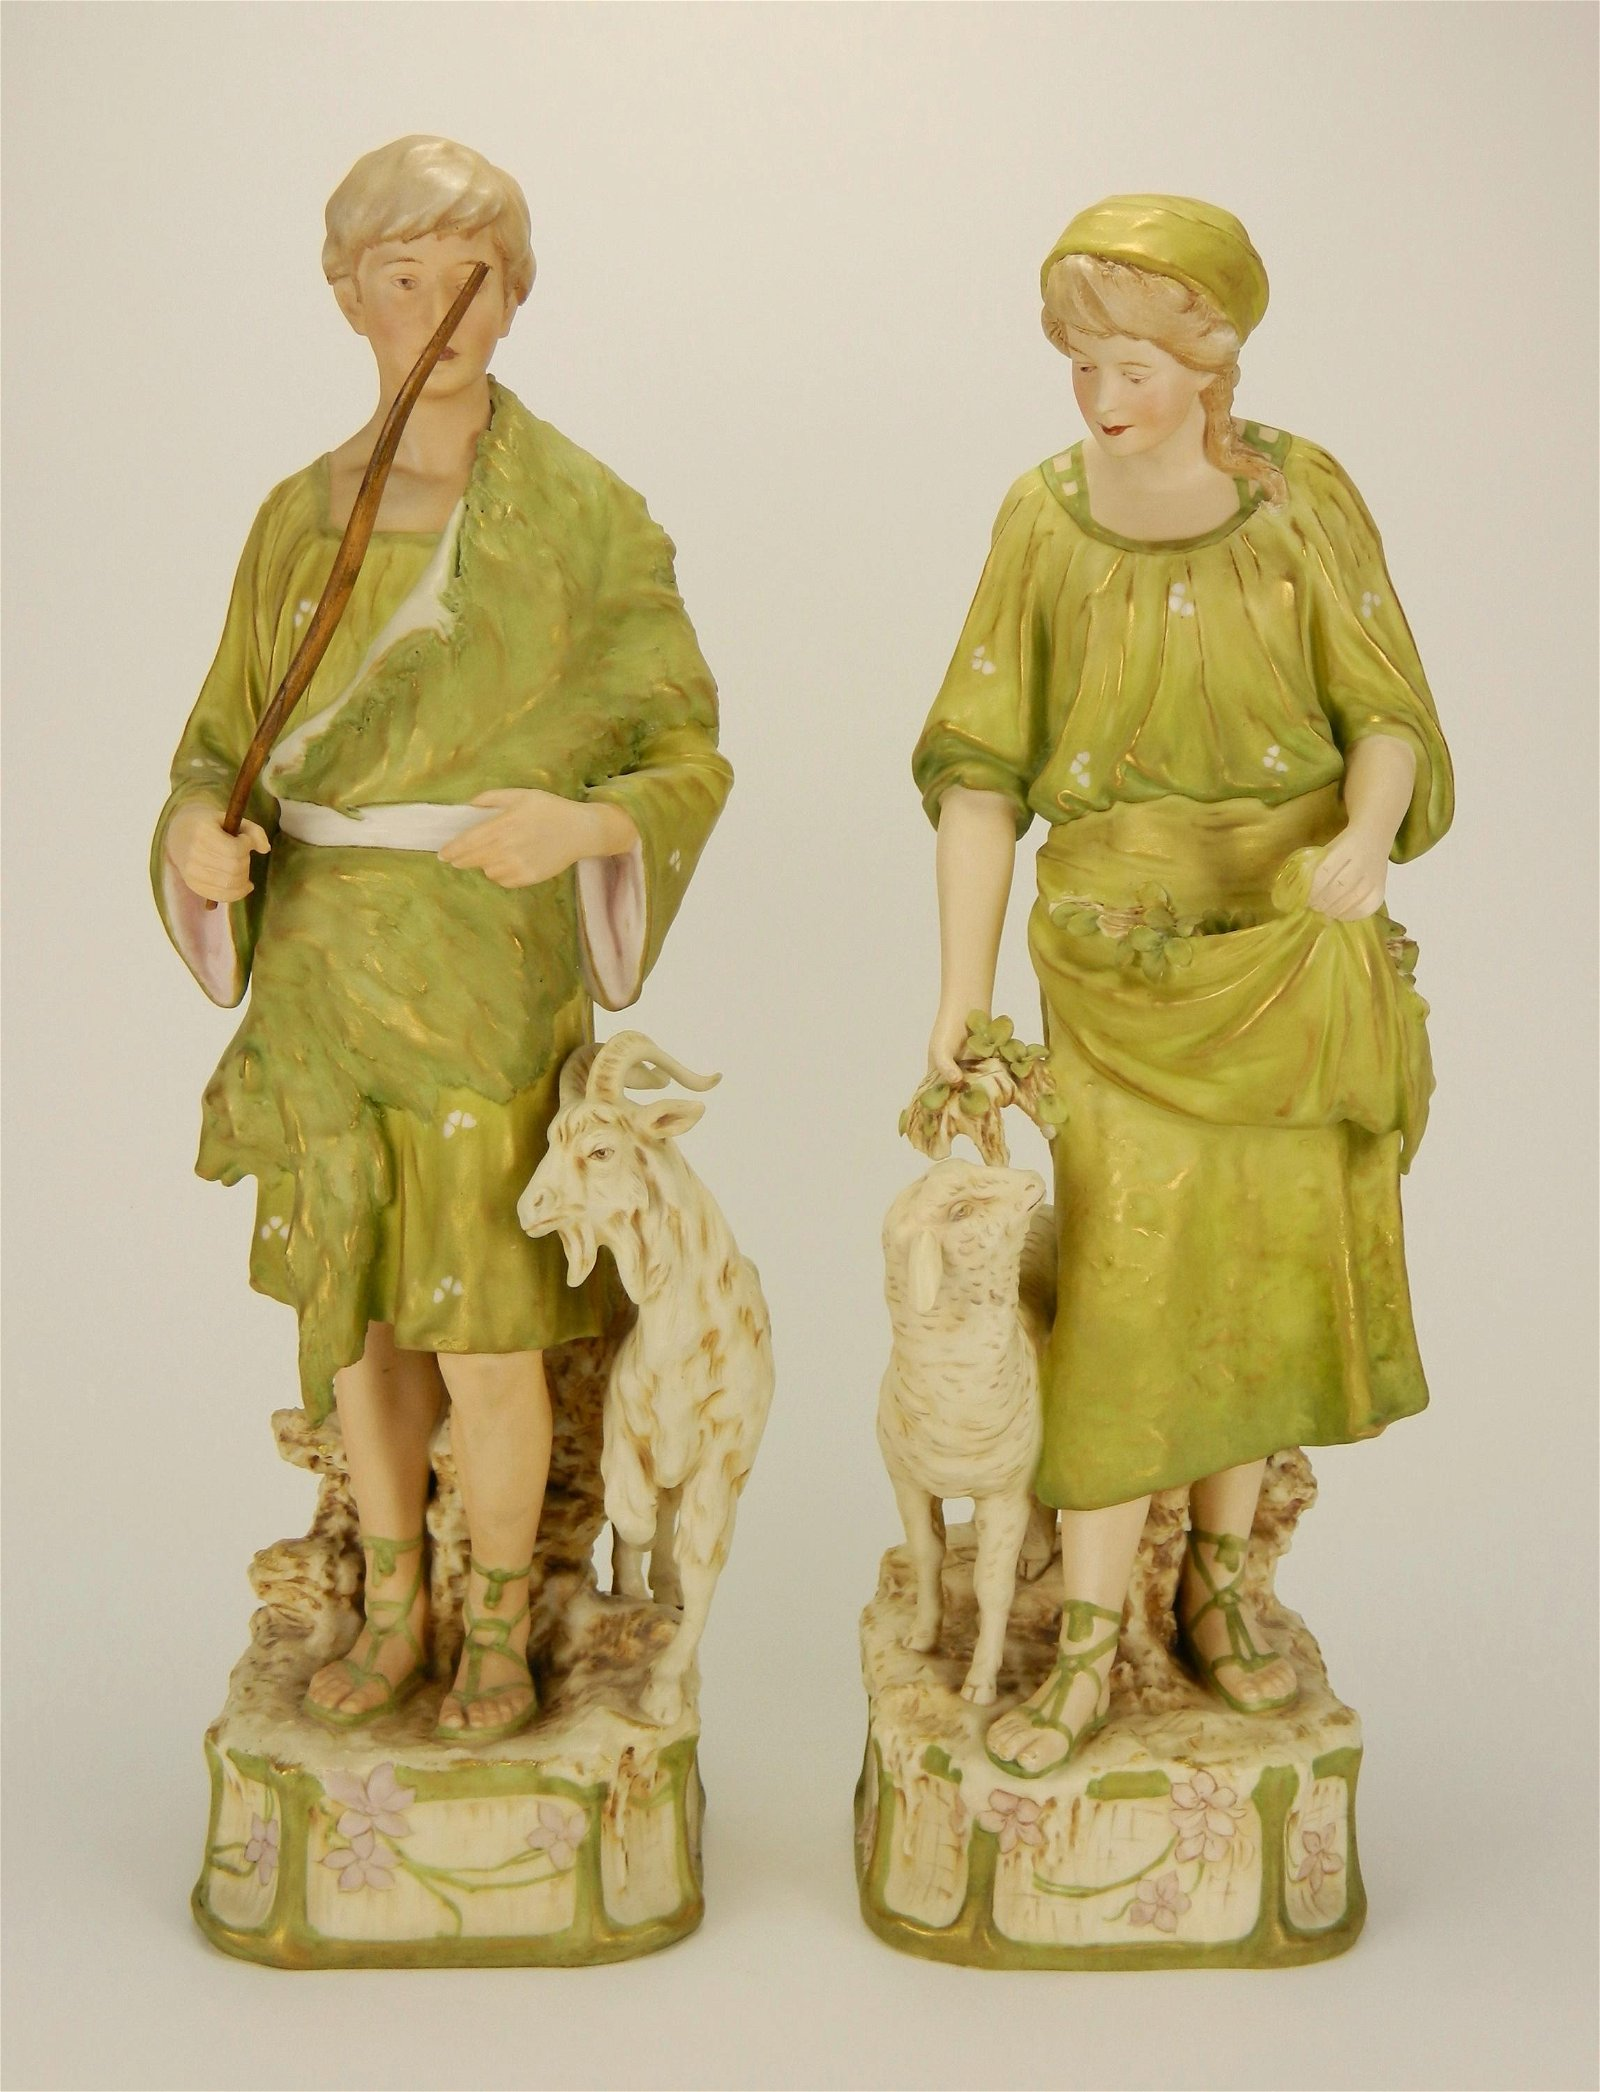 Pair of Royal Dux Porcelain figurines